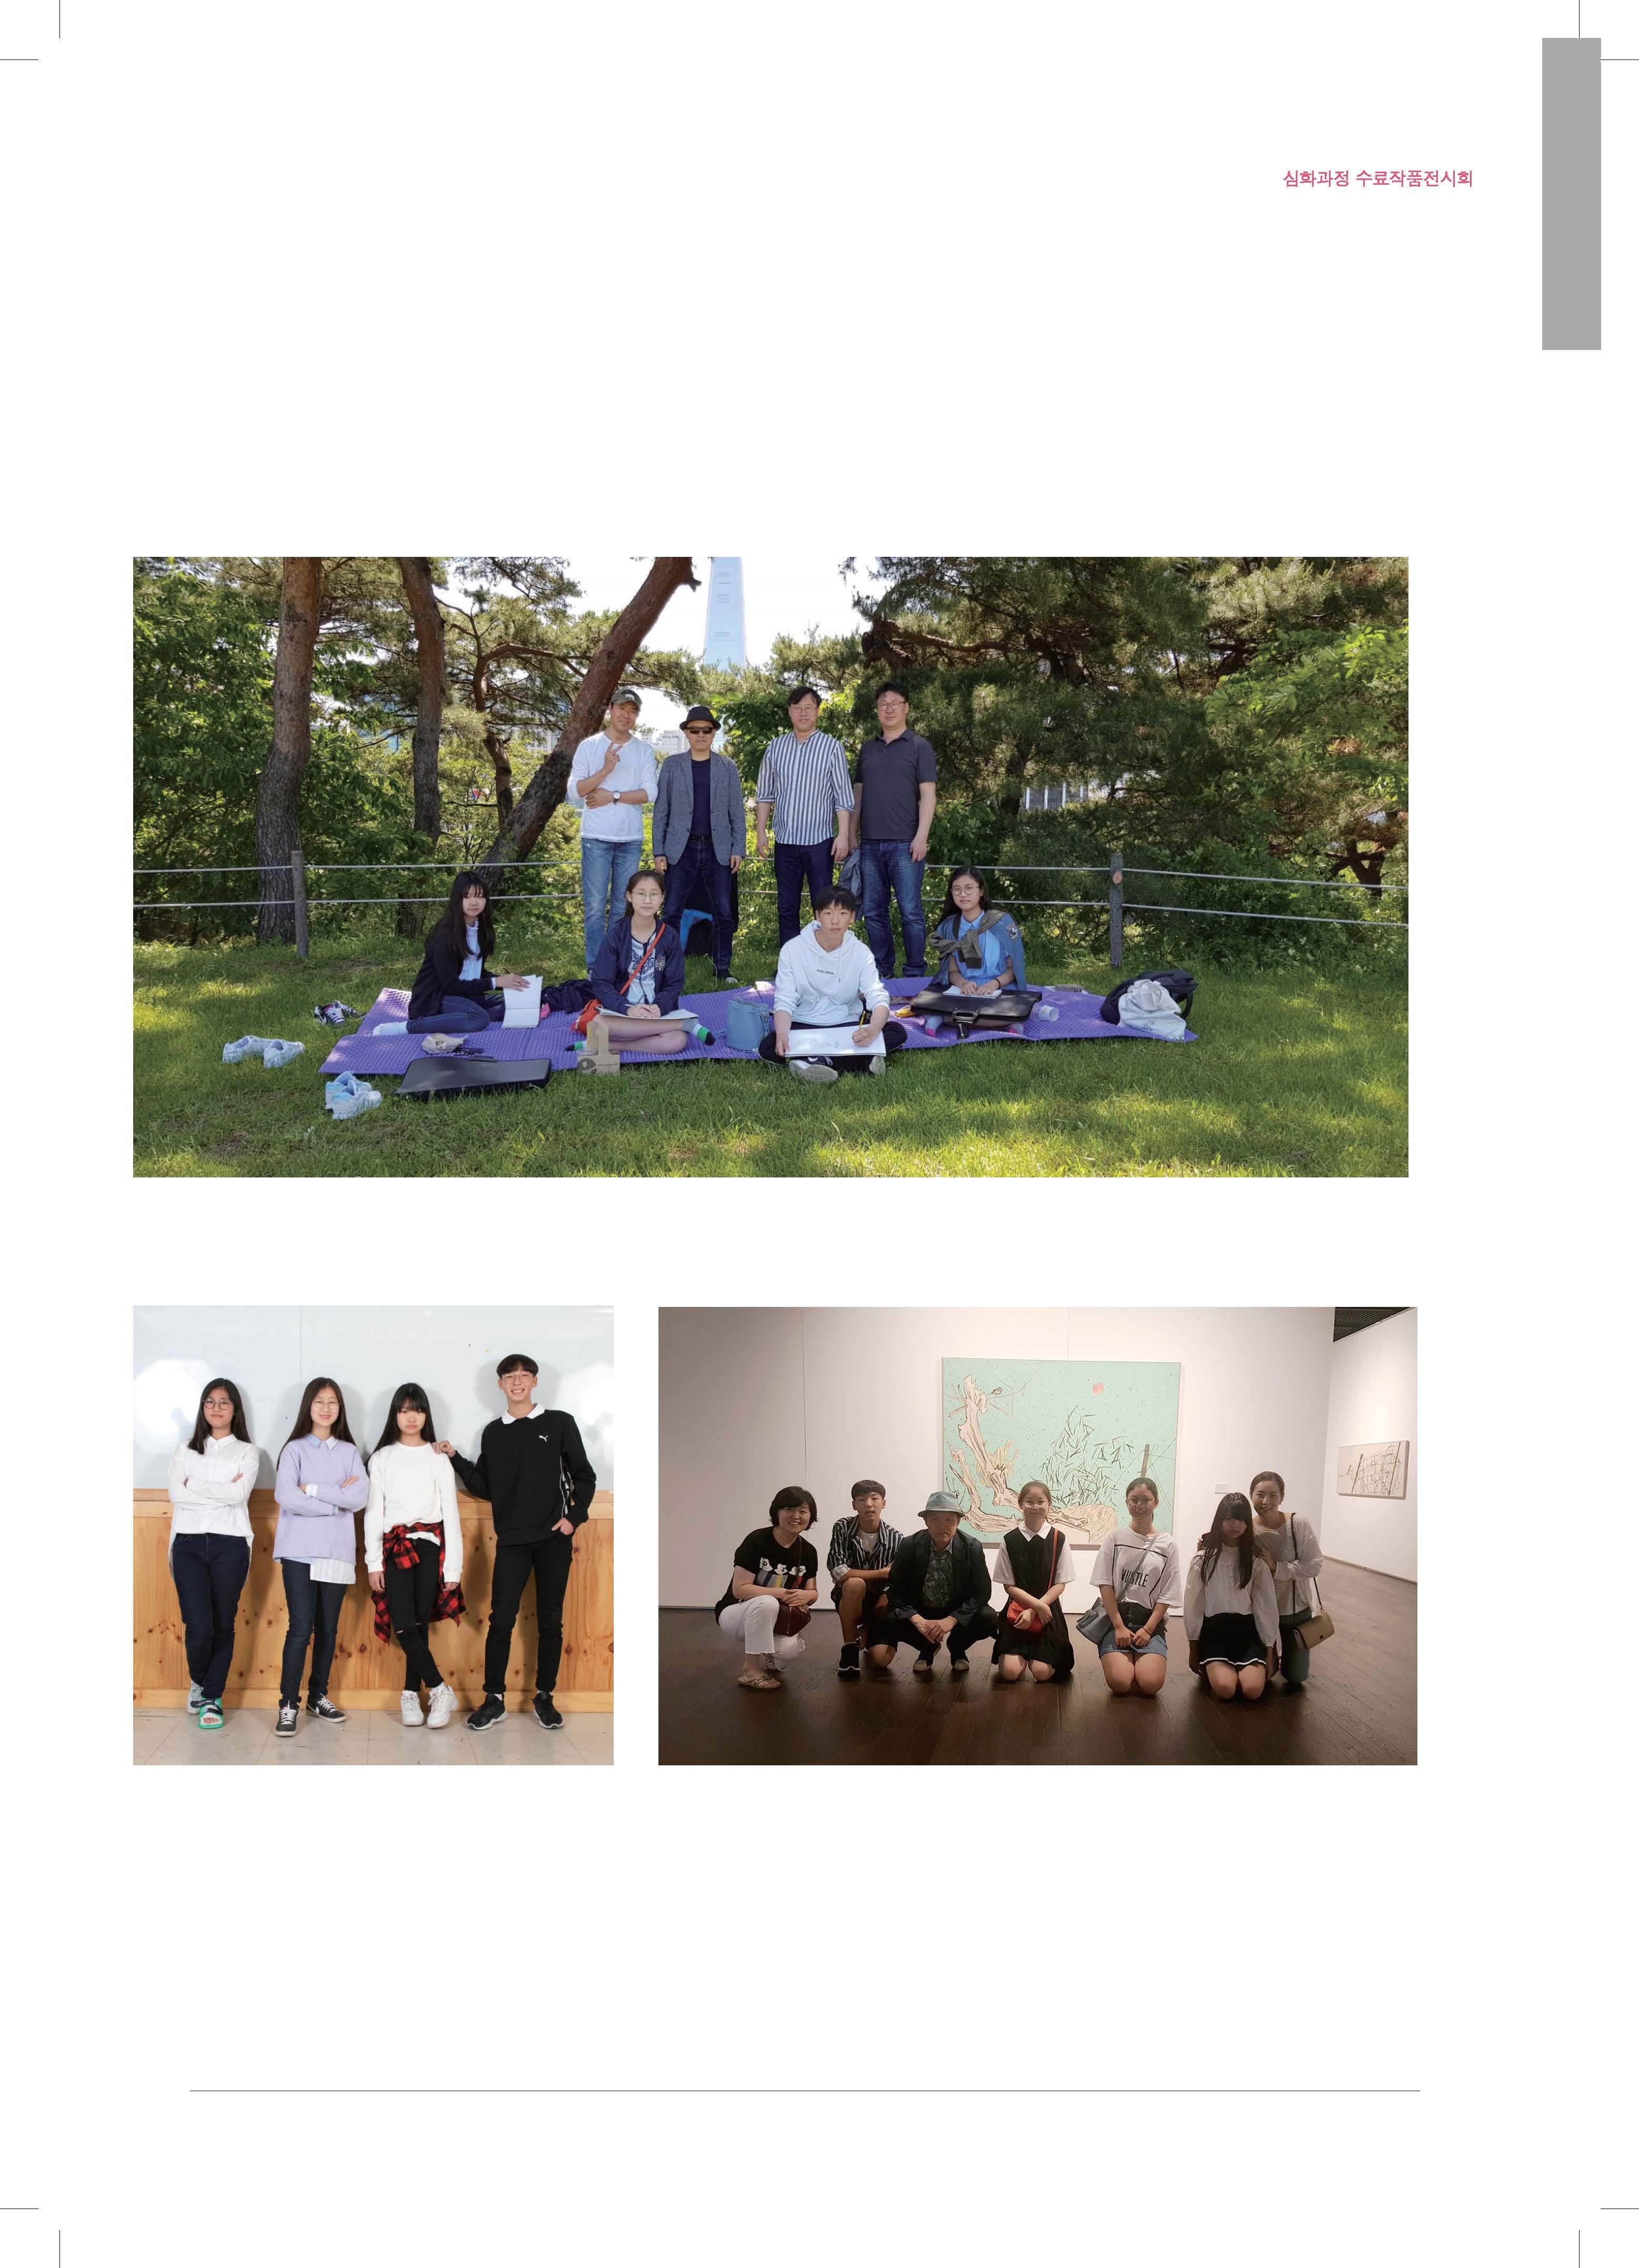 2018_미술영재_브로슈어(인쇄본) 합본_페이지_23.jpg